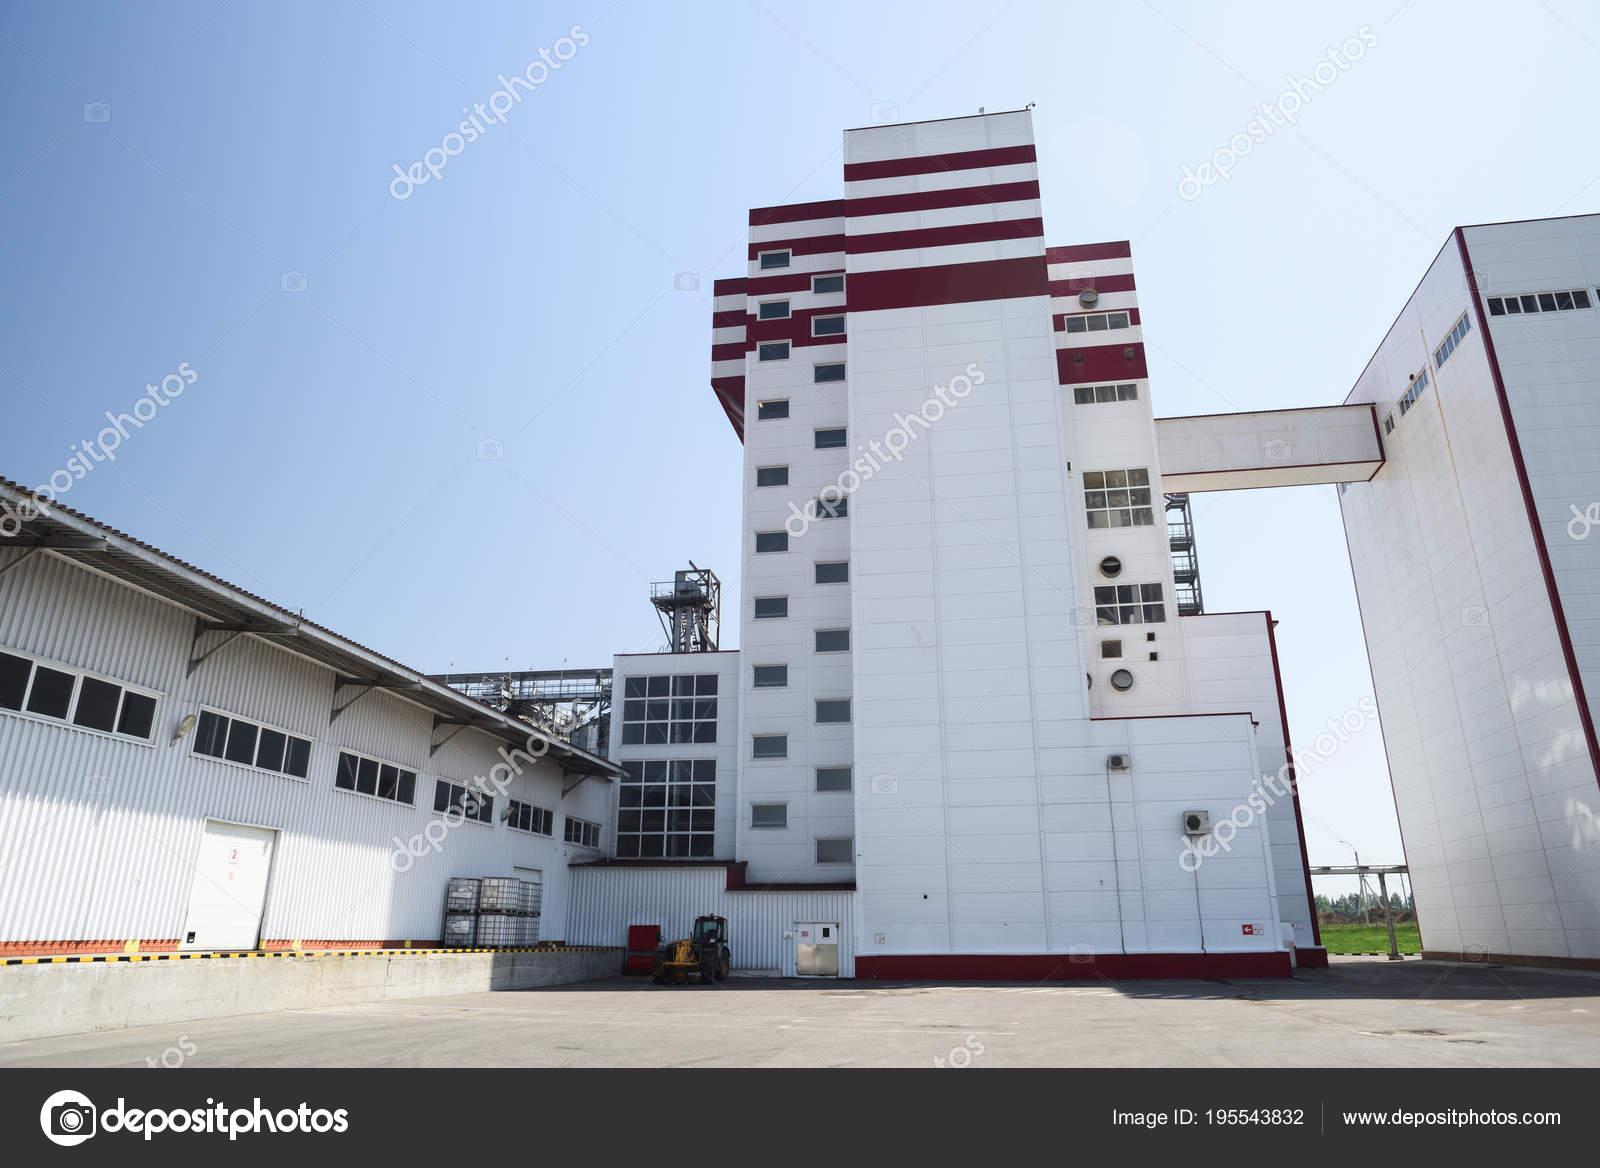 usine d'aliments pour animaux. moderne bâtiment industriel à jour